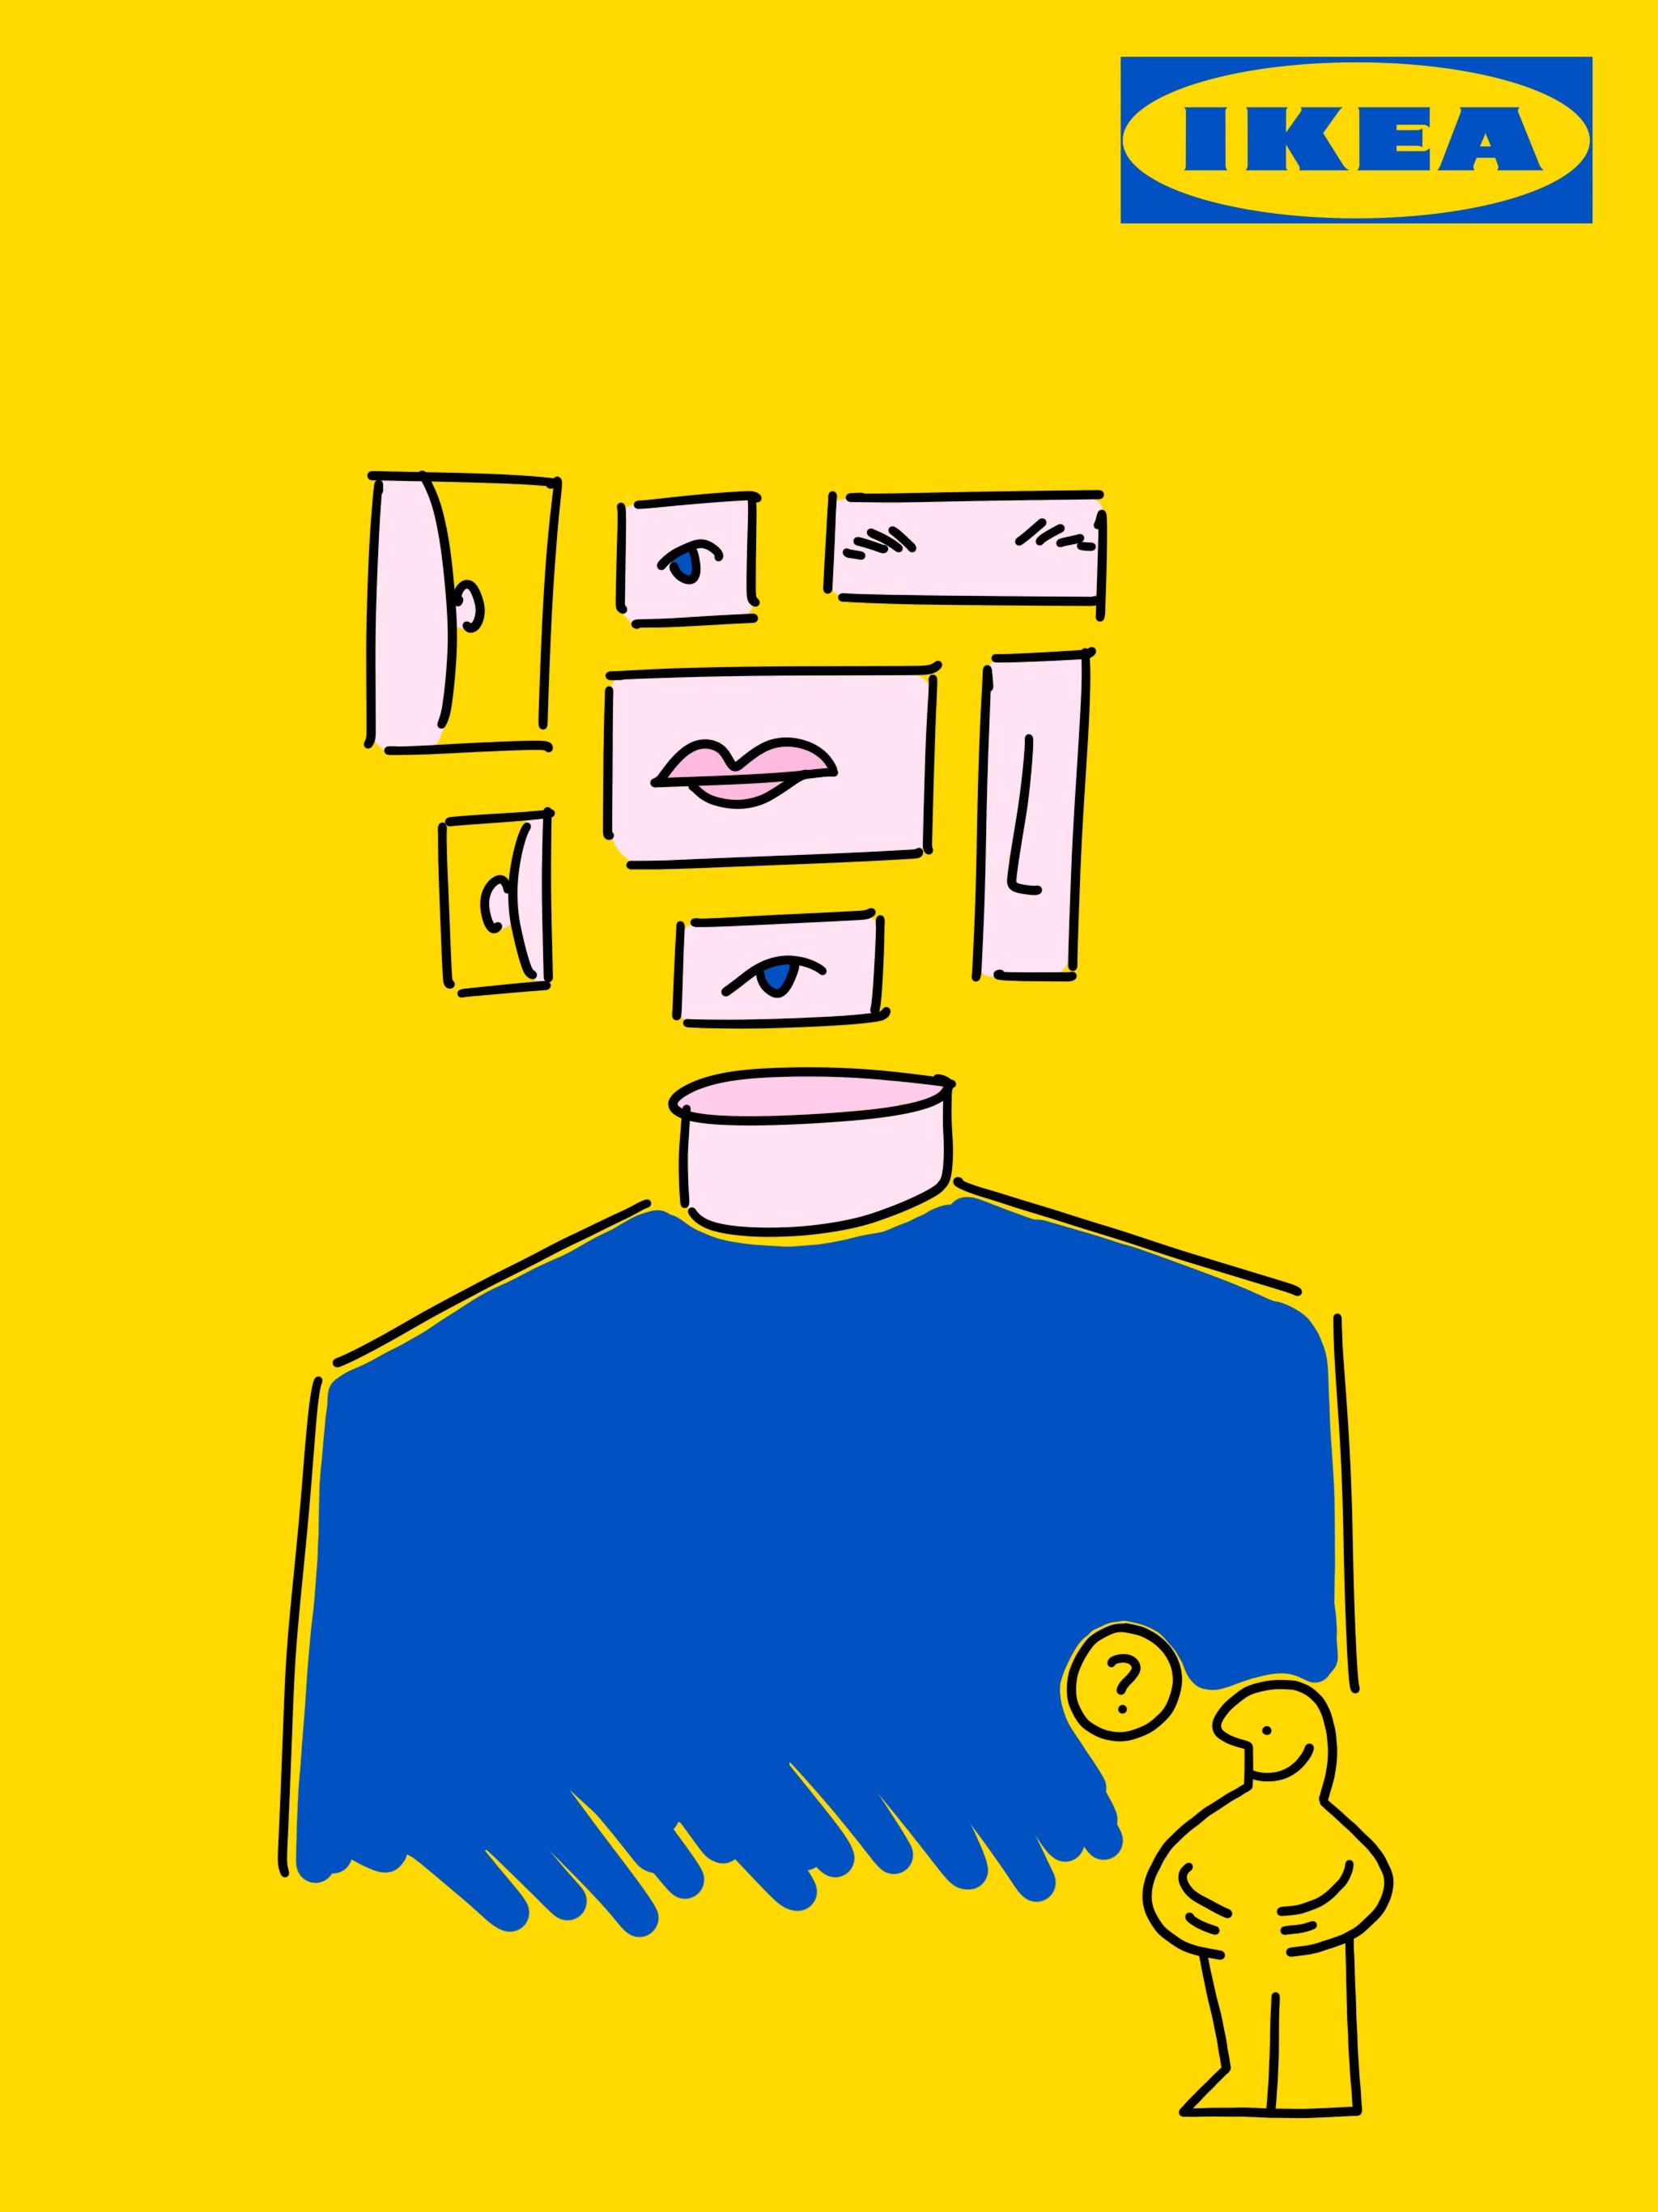 IkeaAR_2.JPG